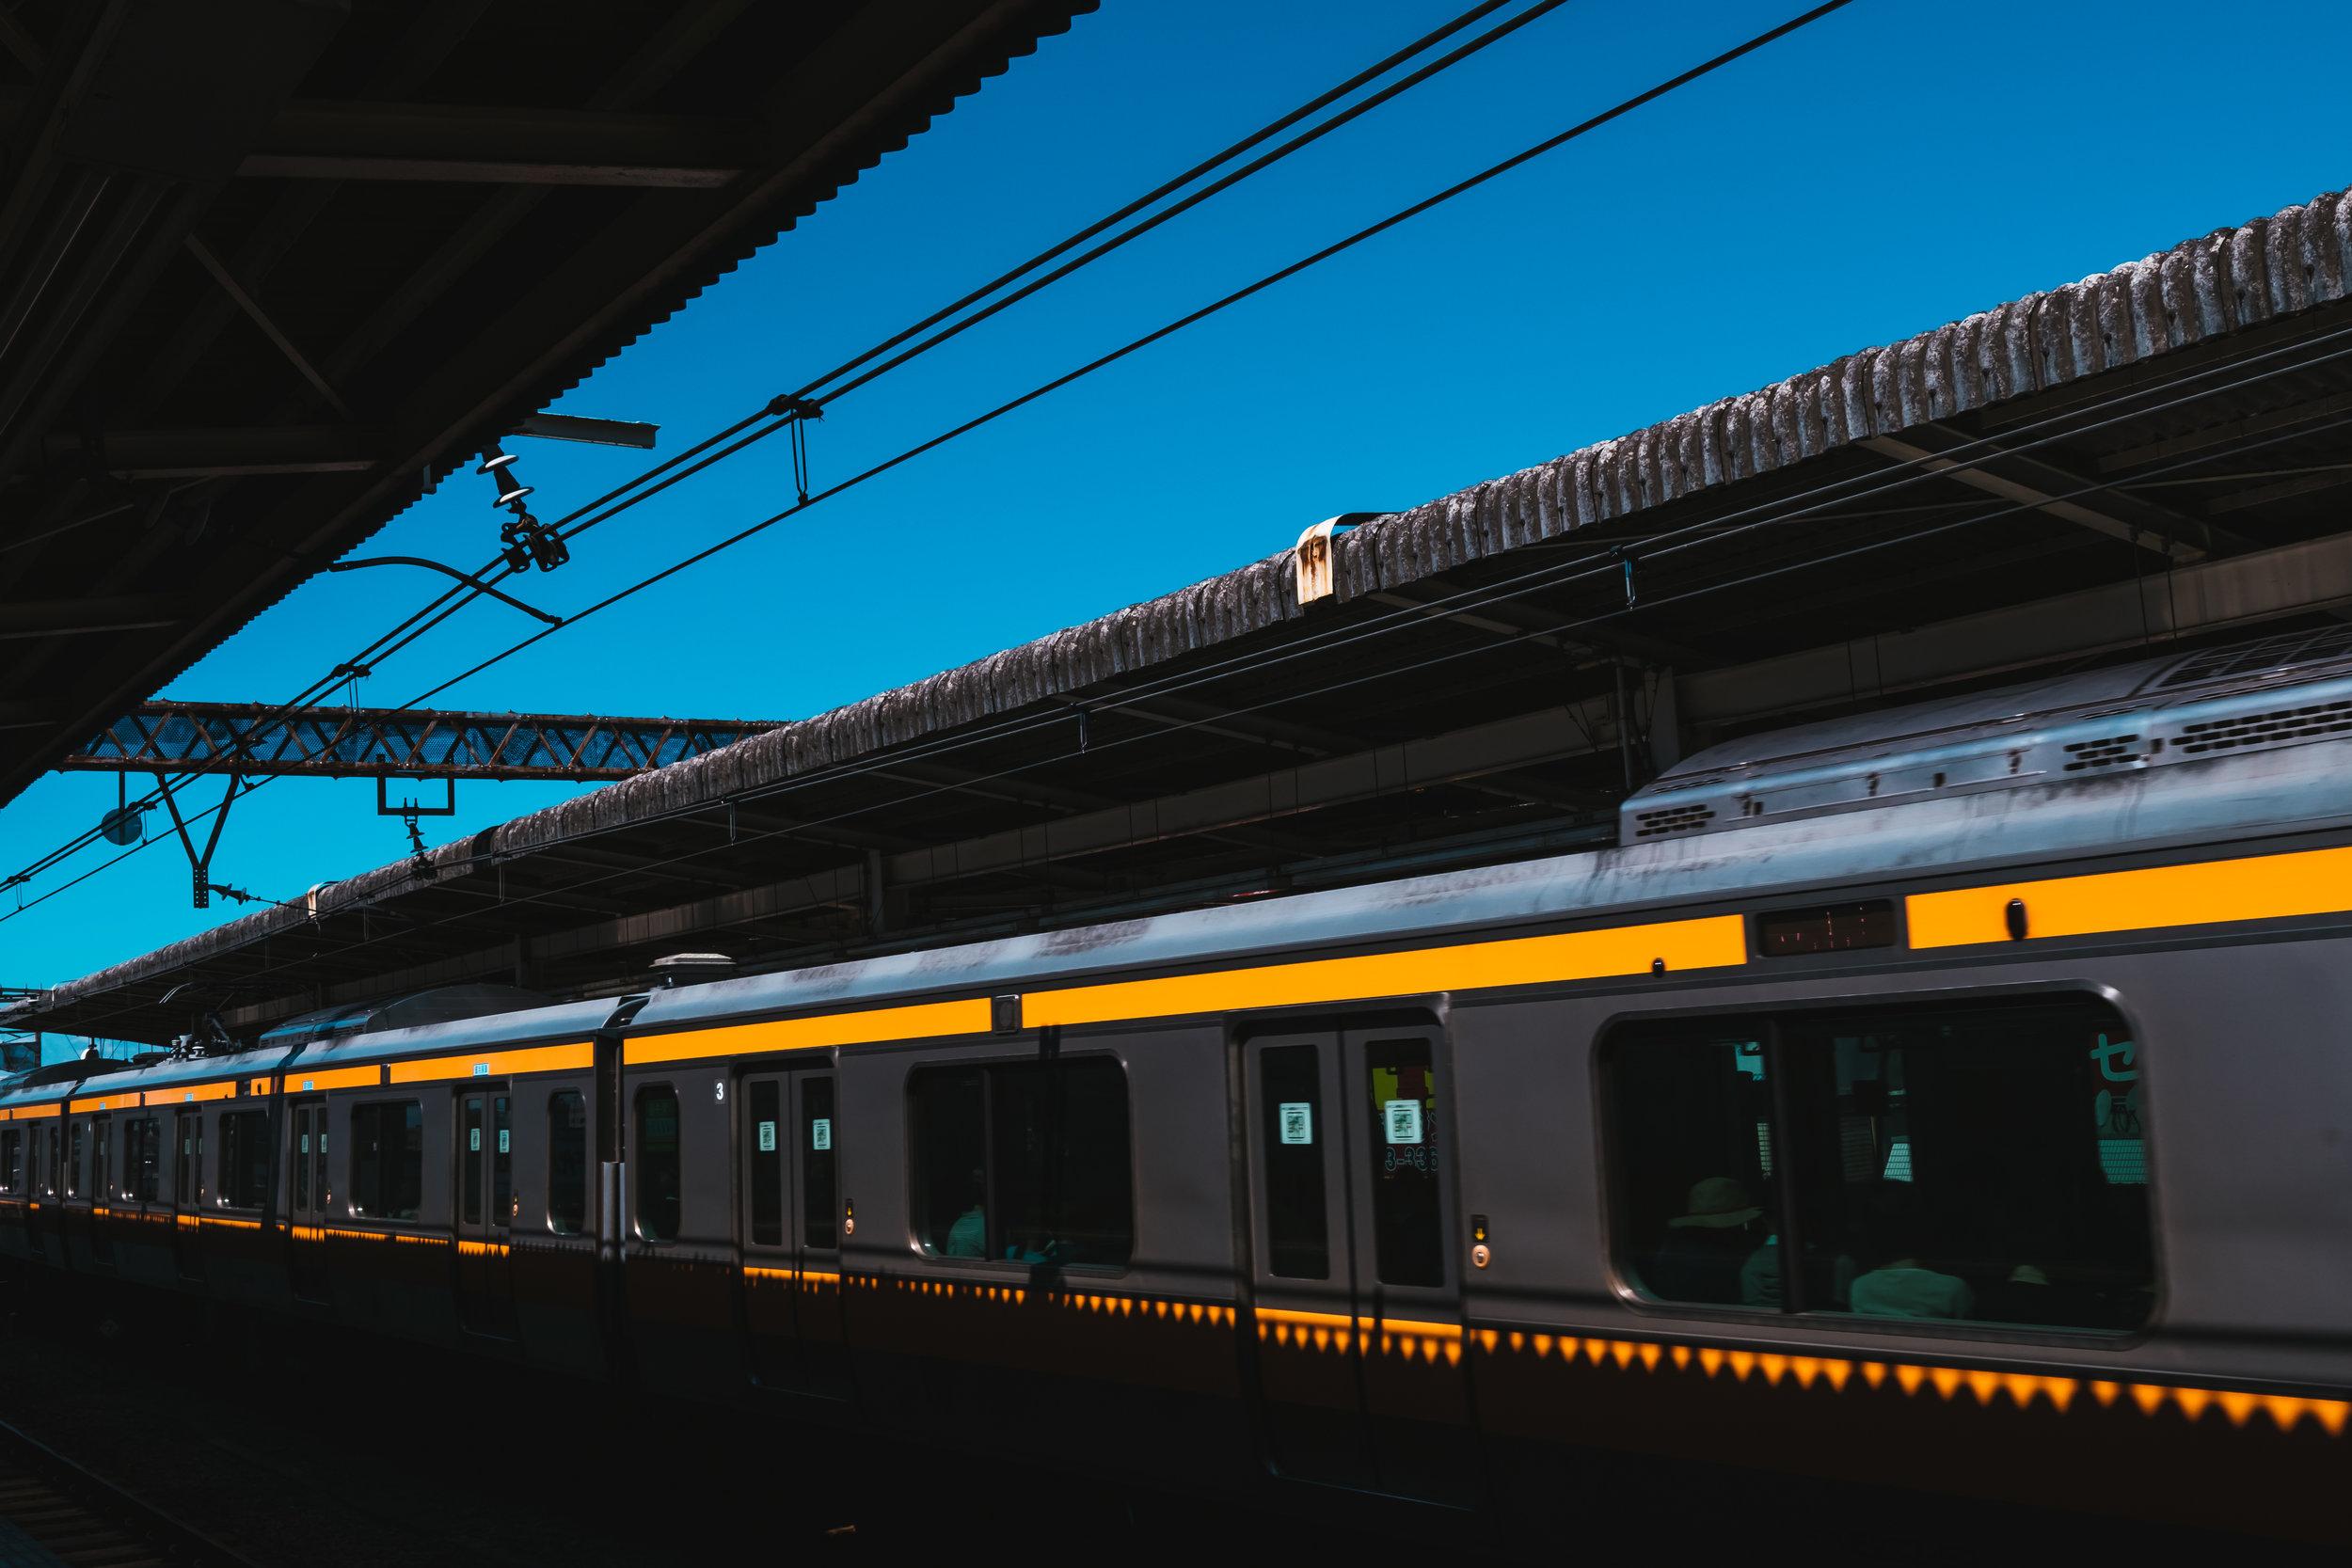 Chuo line at Nakano